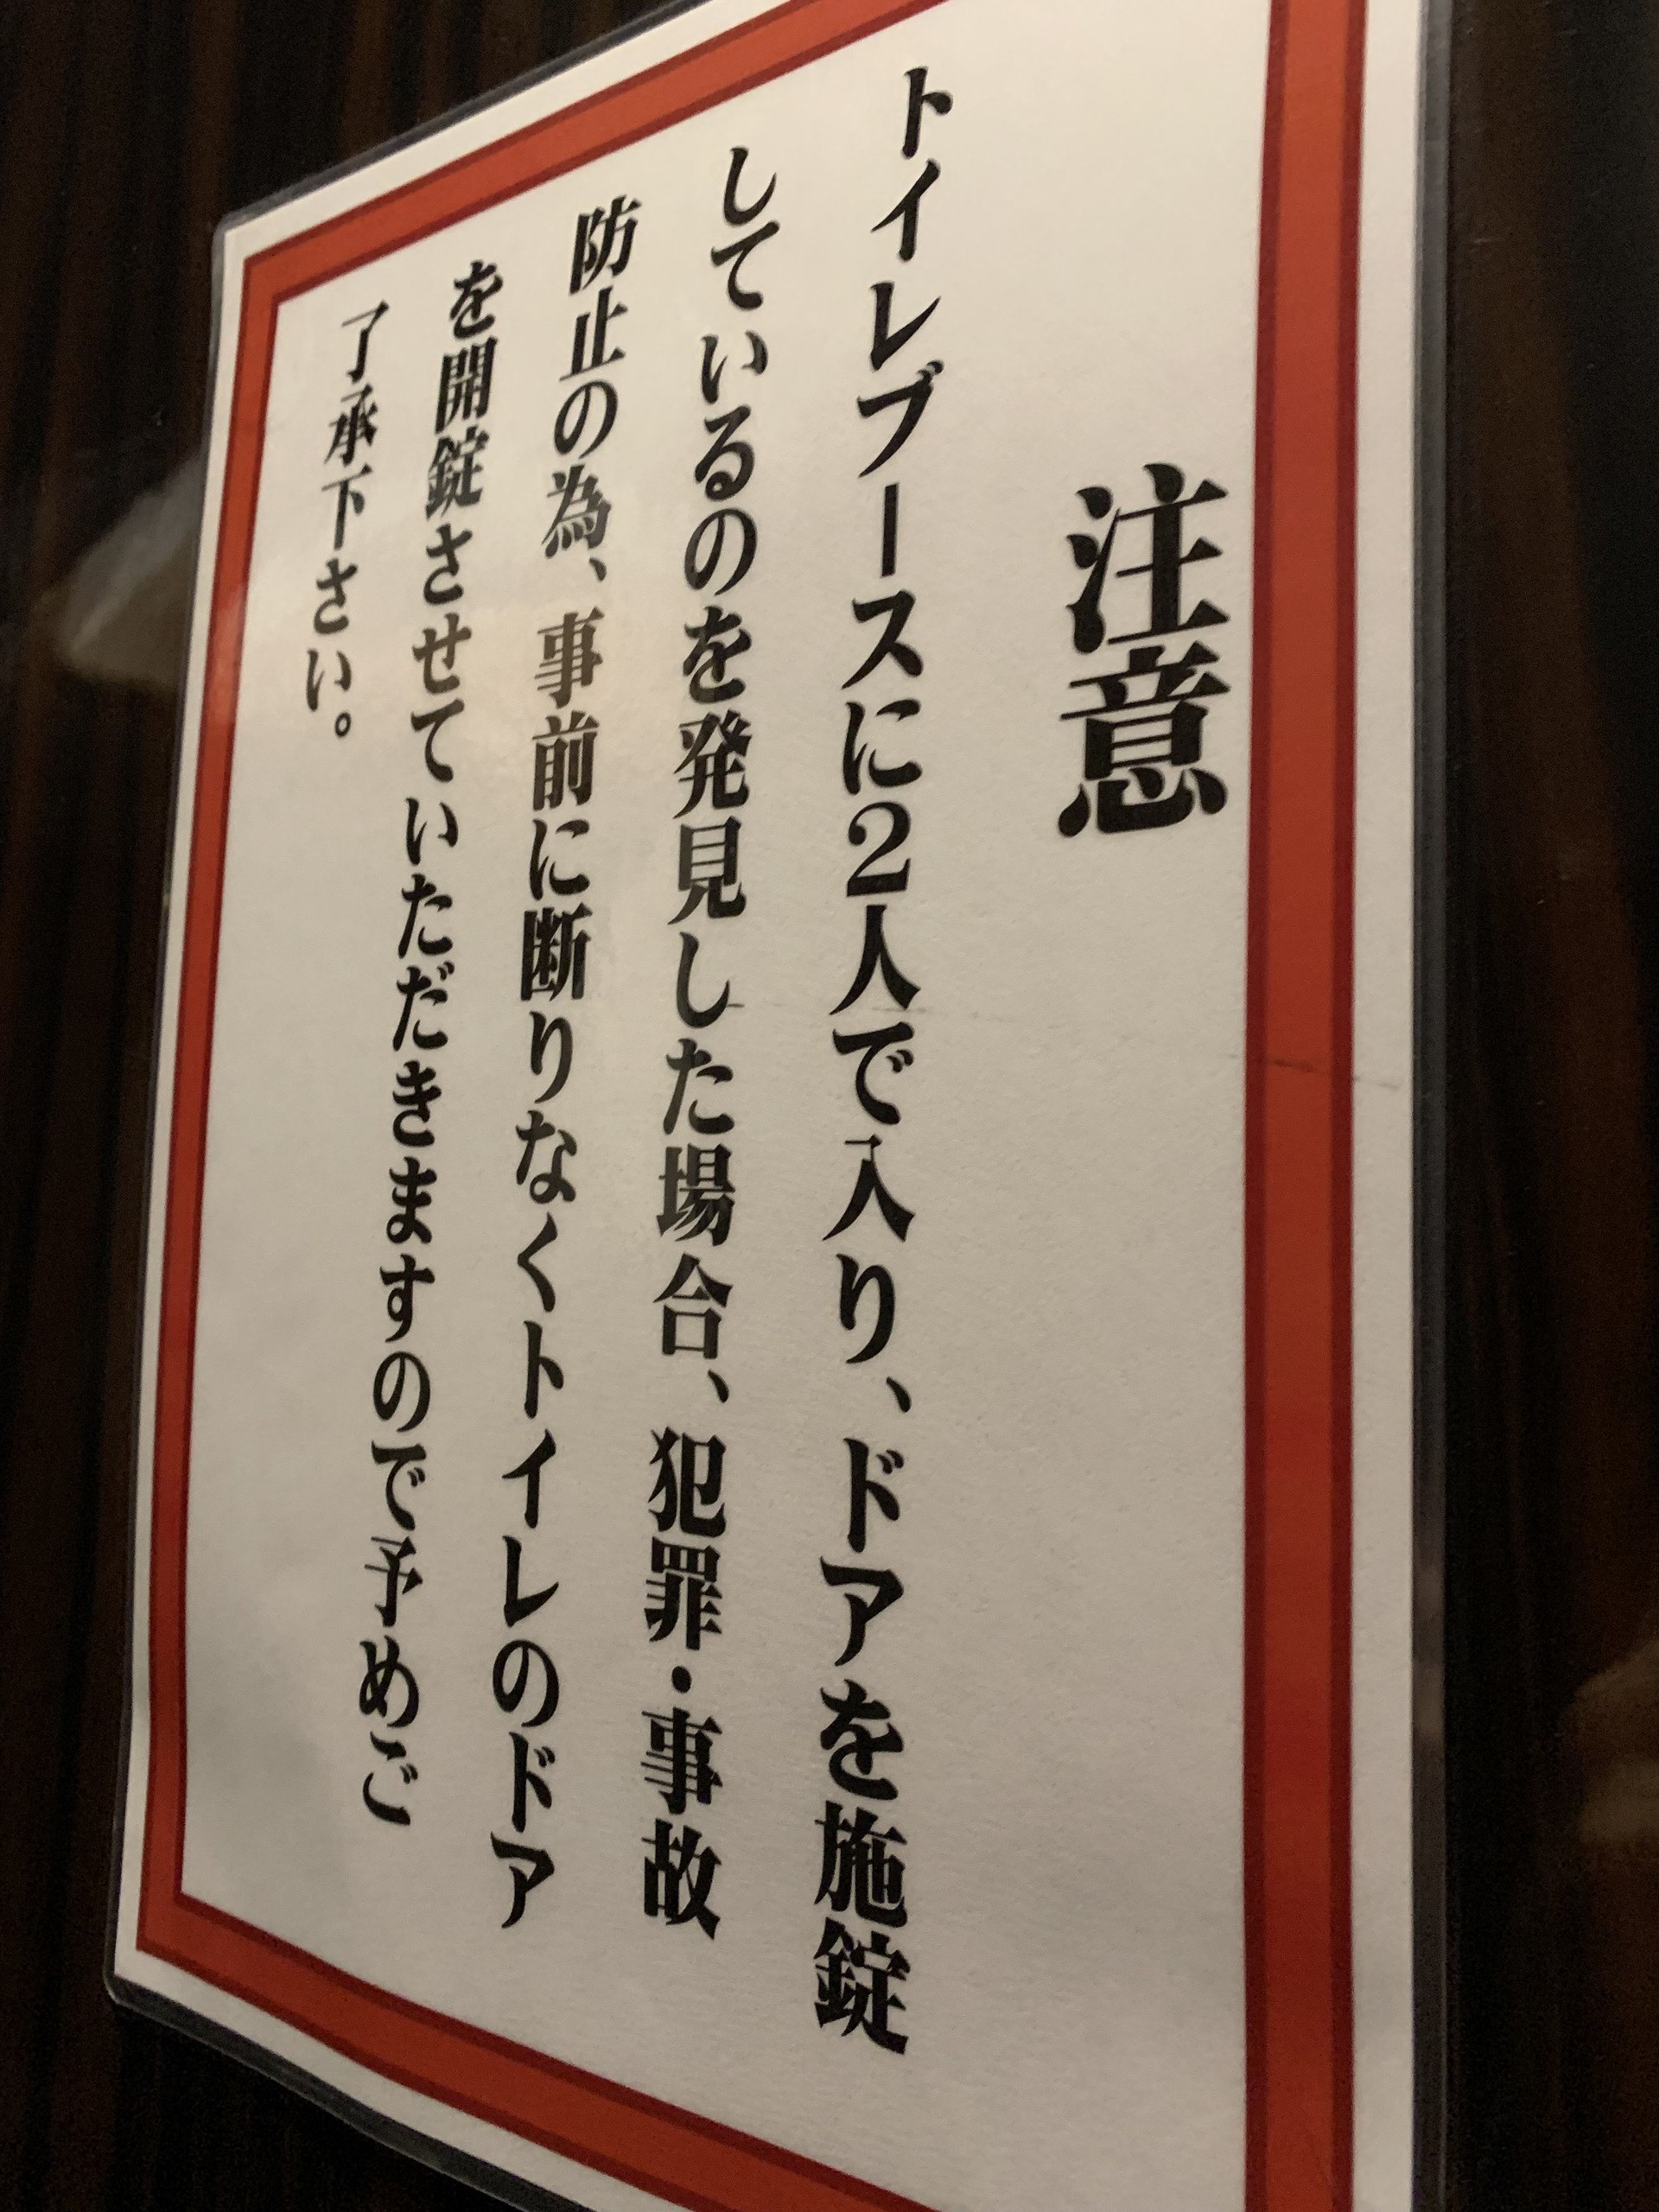 おふろの王様 大井町店_トイレ内の注意書き